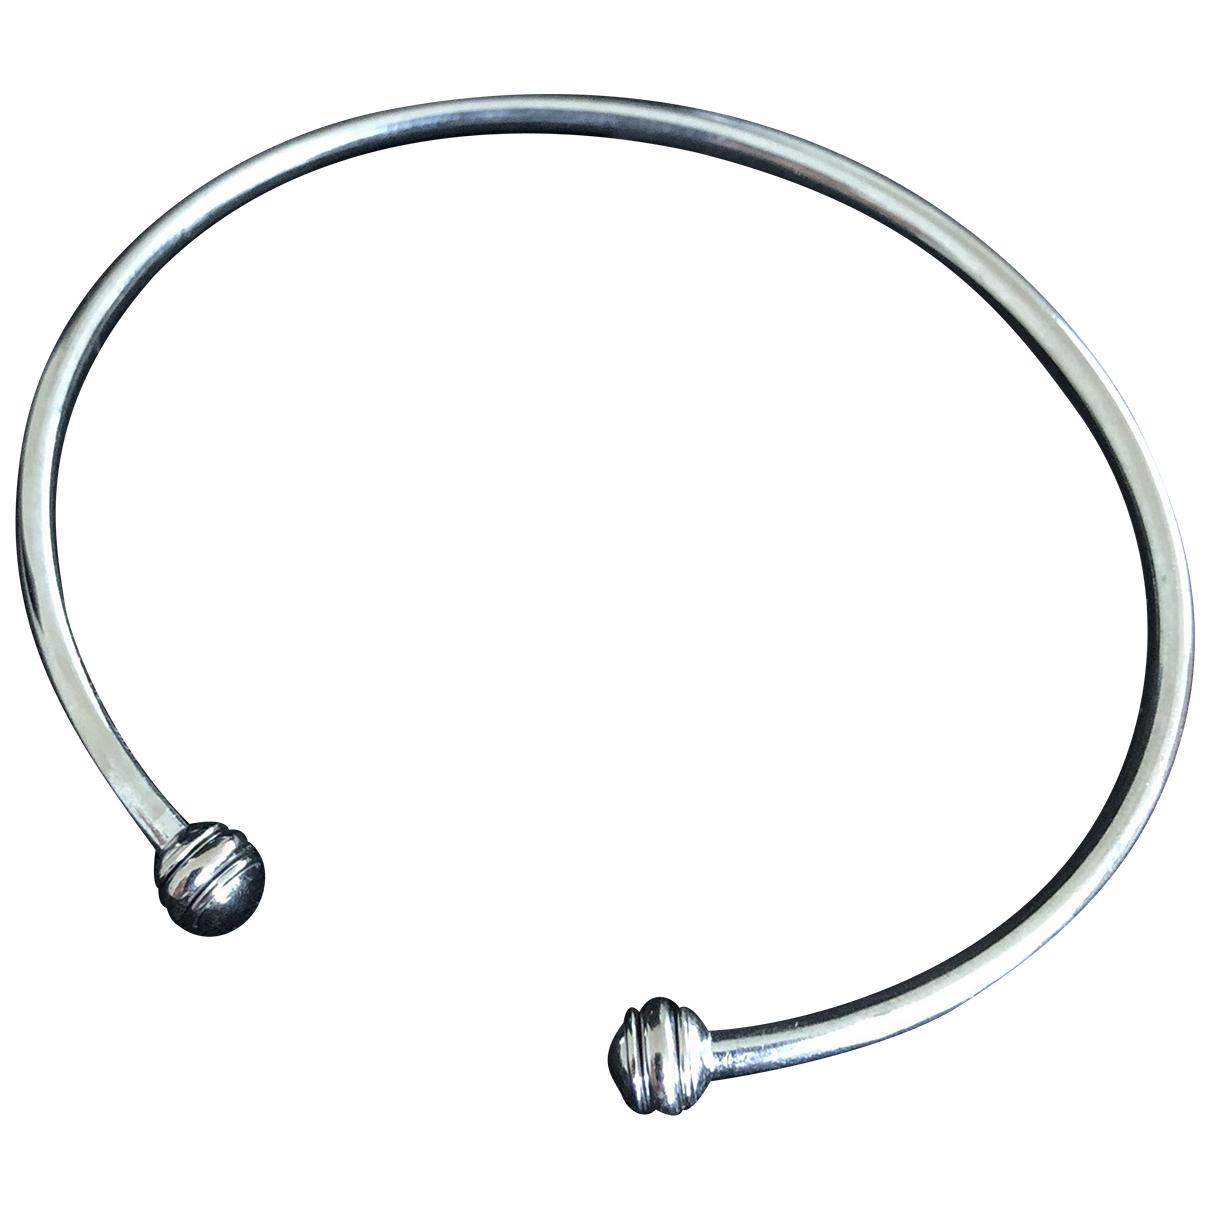 Piaget - Bracelet Possession pour femme en or blanc - argente